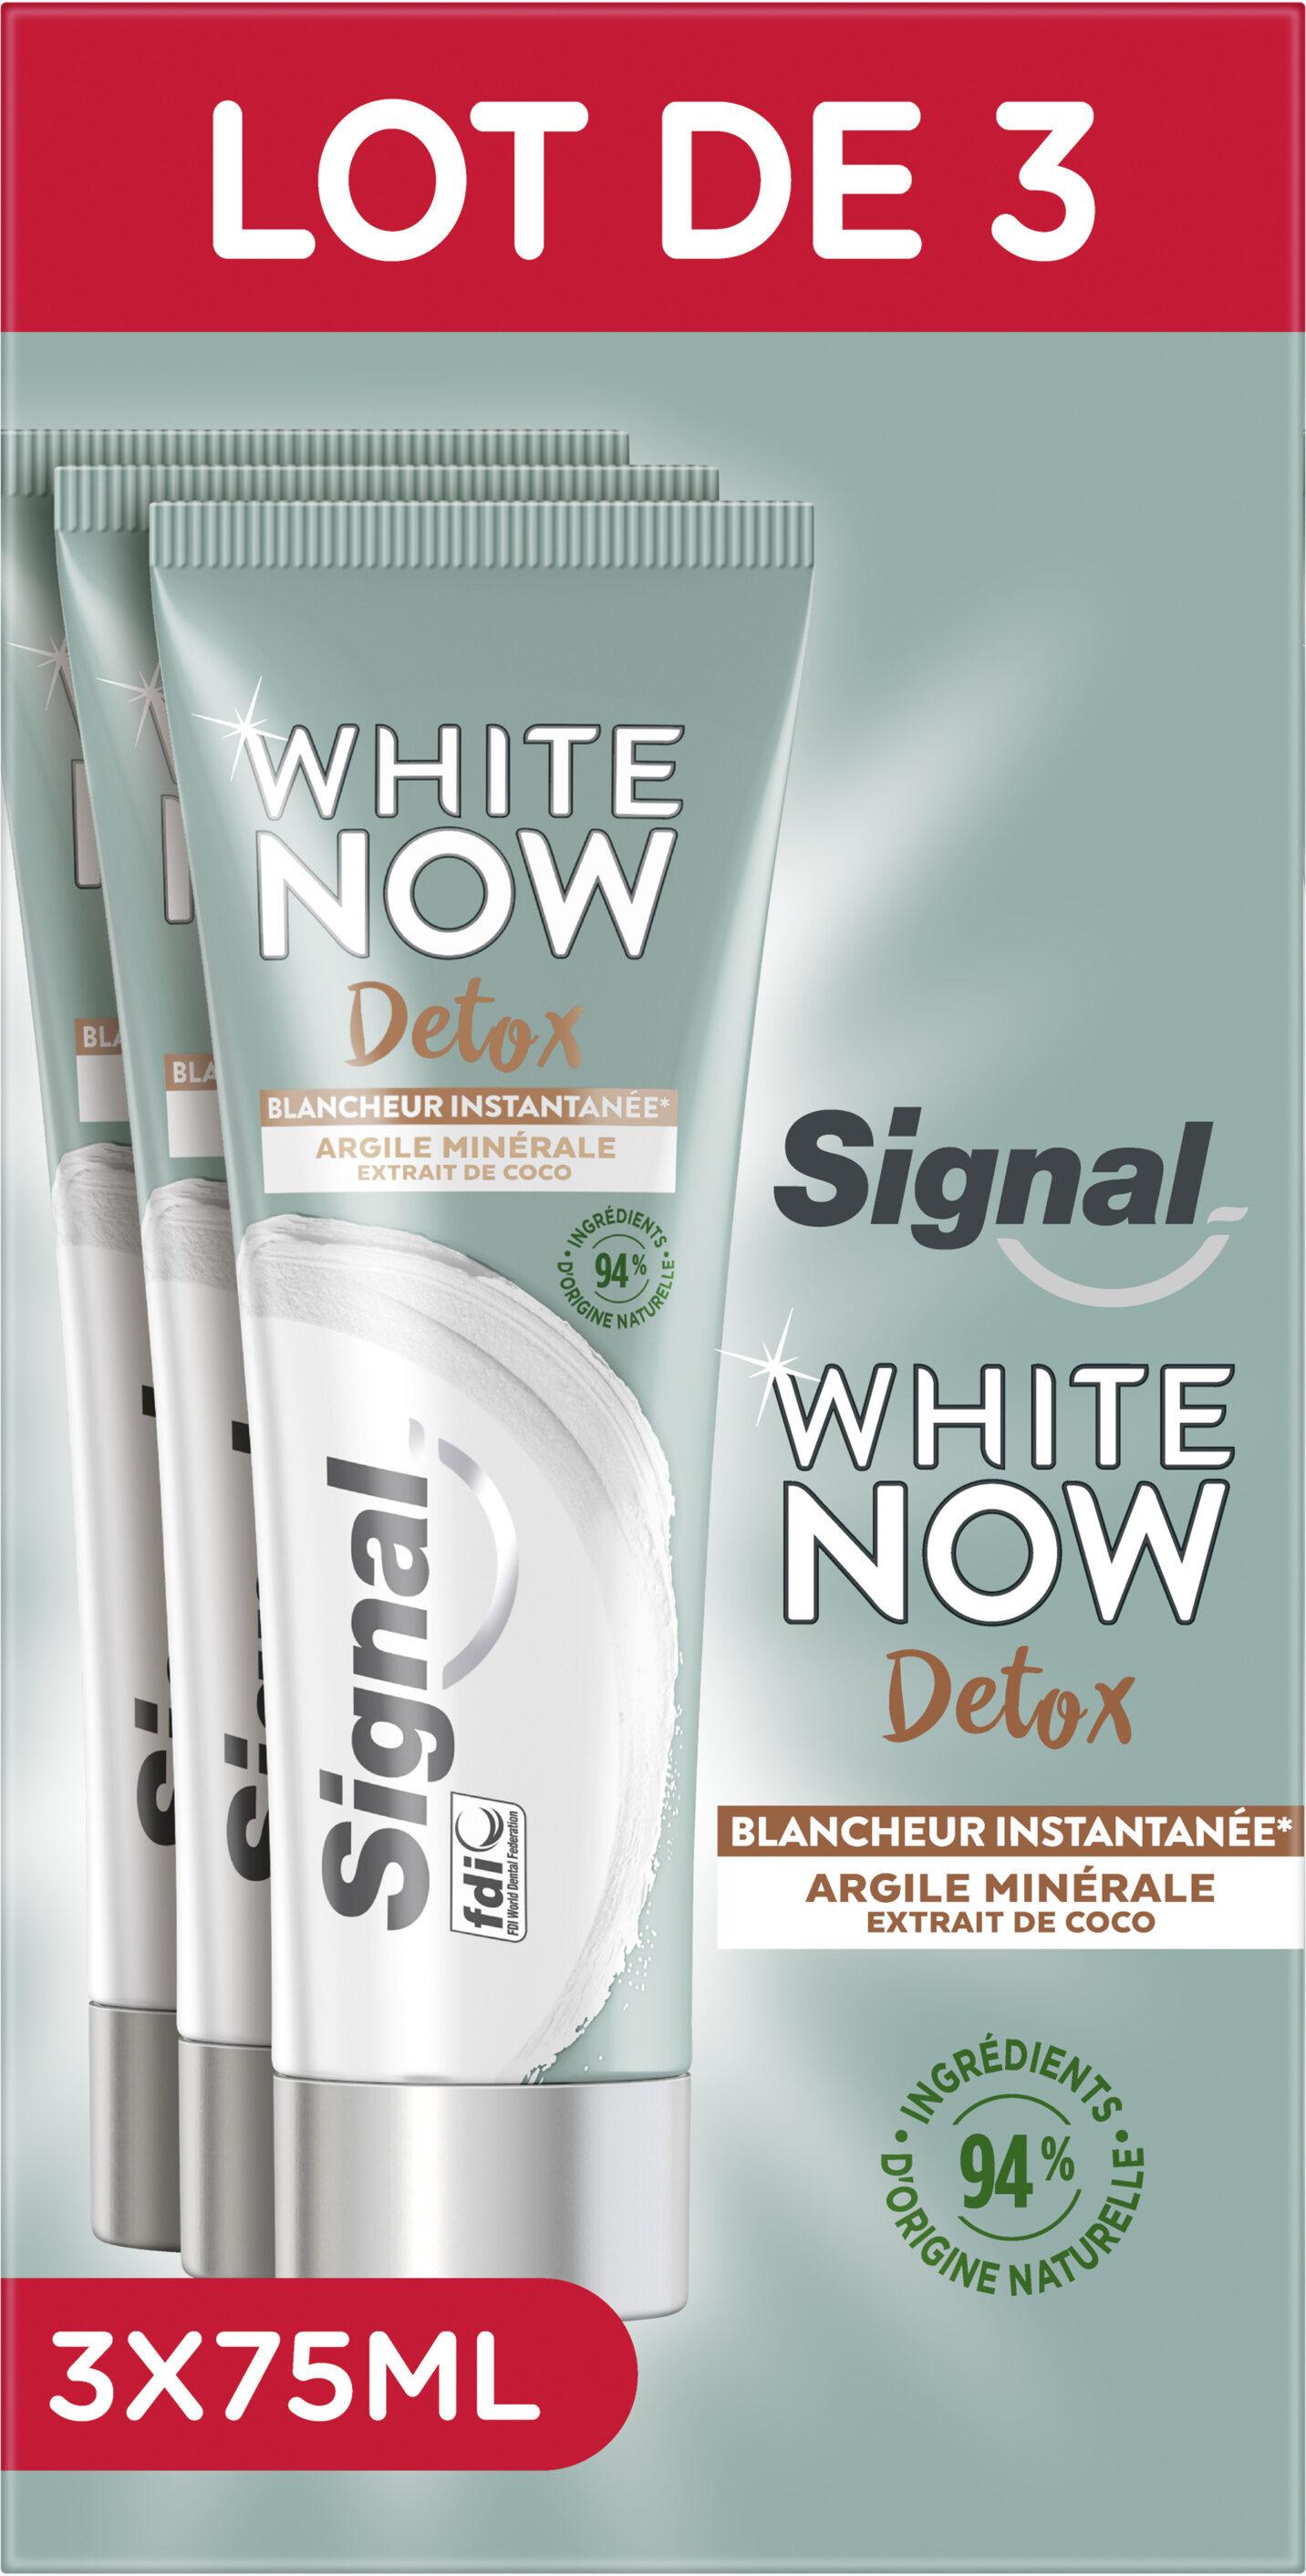 Signal White Now Dentifrice Détox Argile Minérale & Extrait de Coco Lot 3x75ml - Product - fr